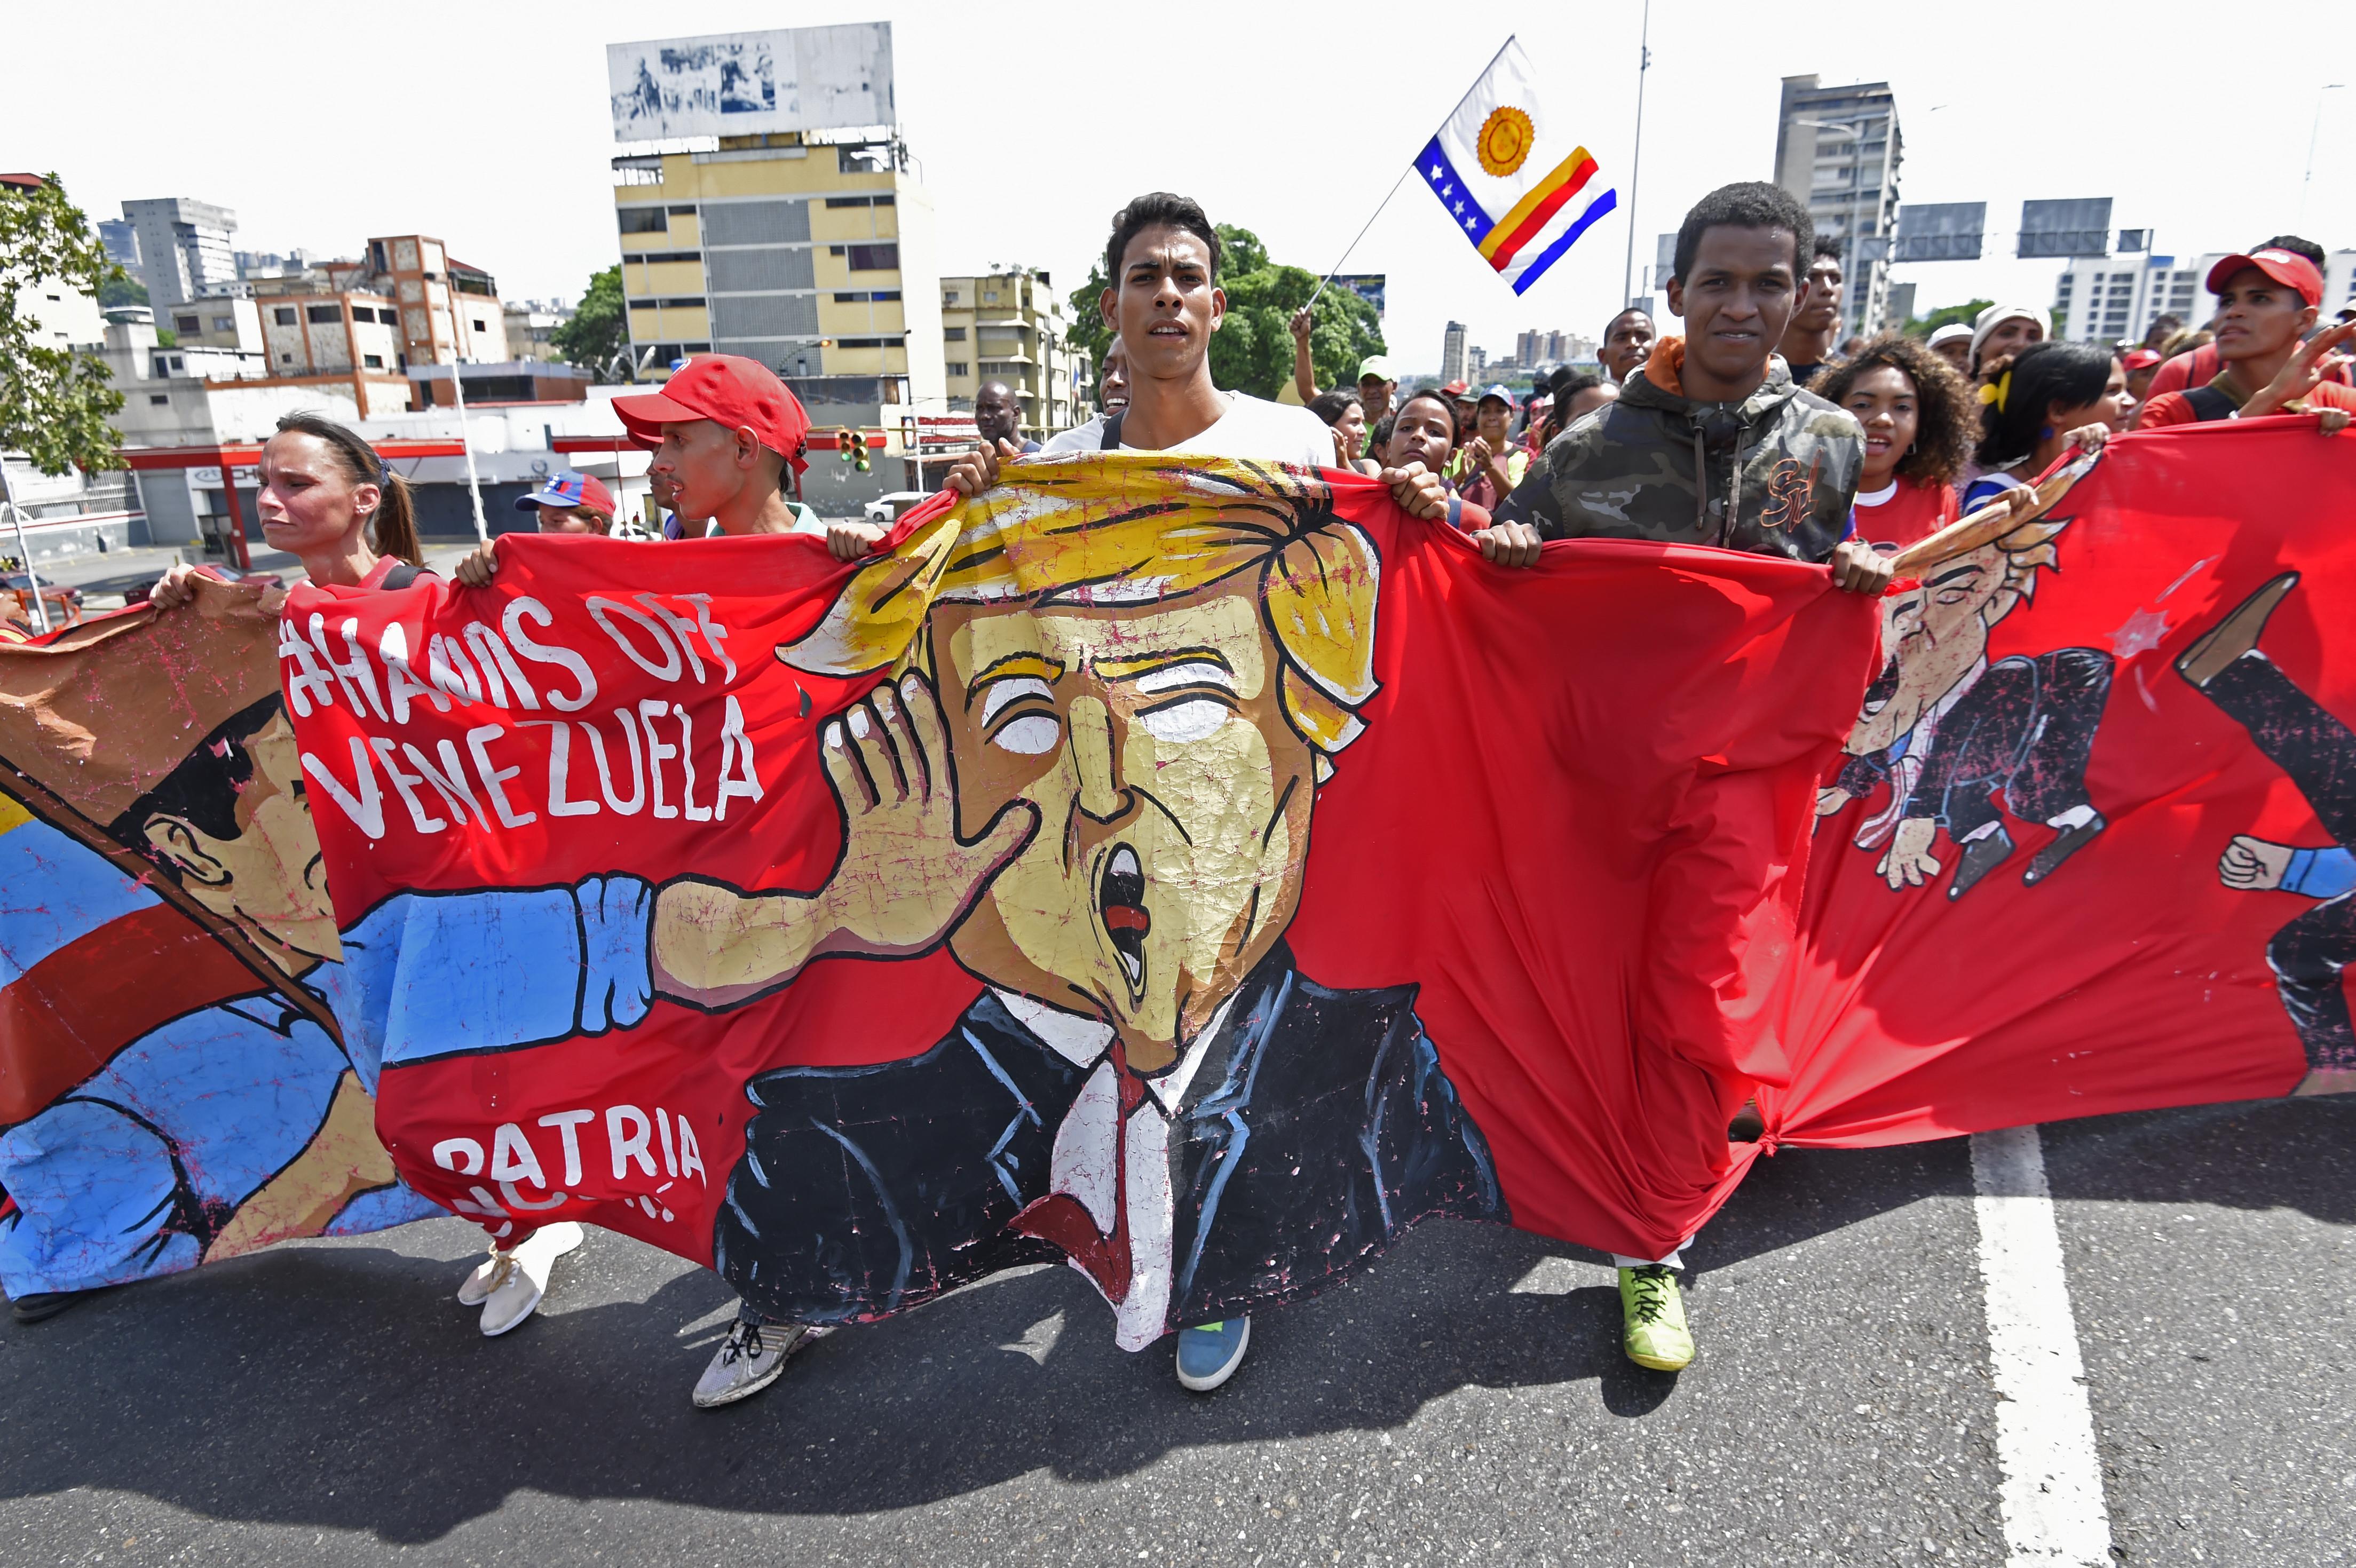 Guerra híbrida: dossiê analisa impactos da investida dos EUA contra Venezuela